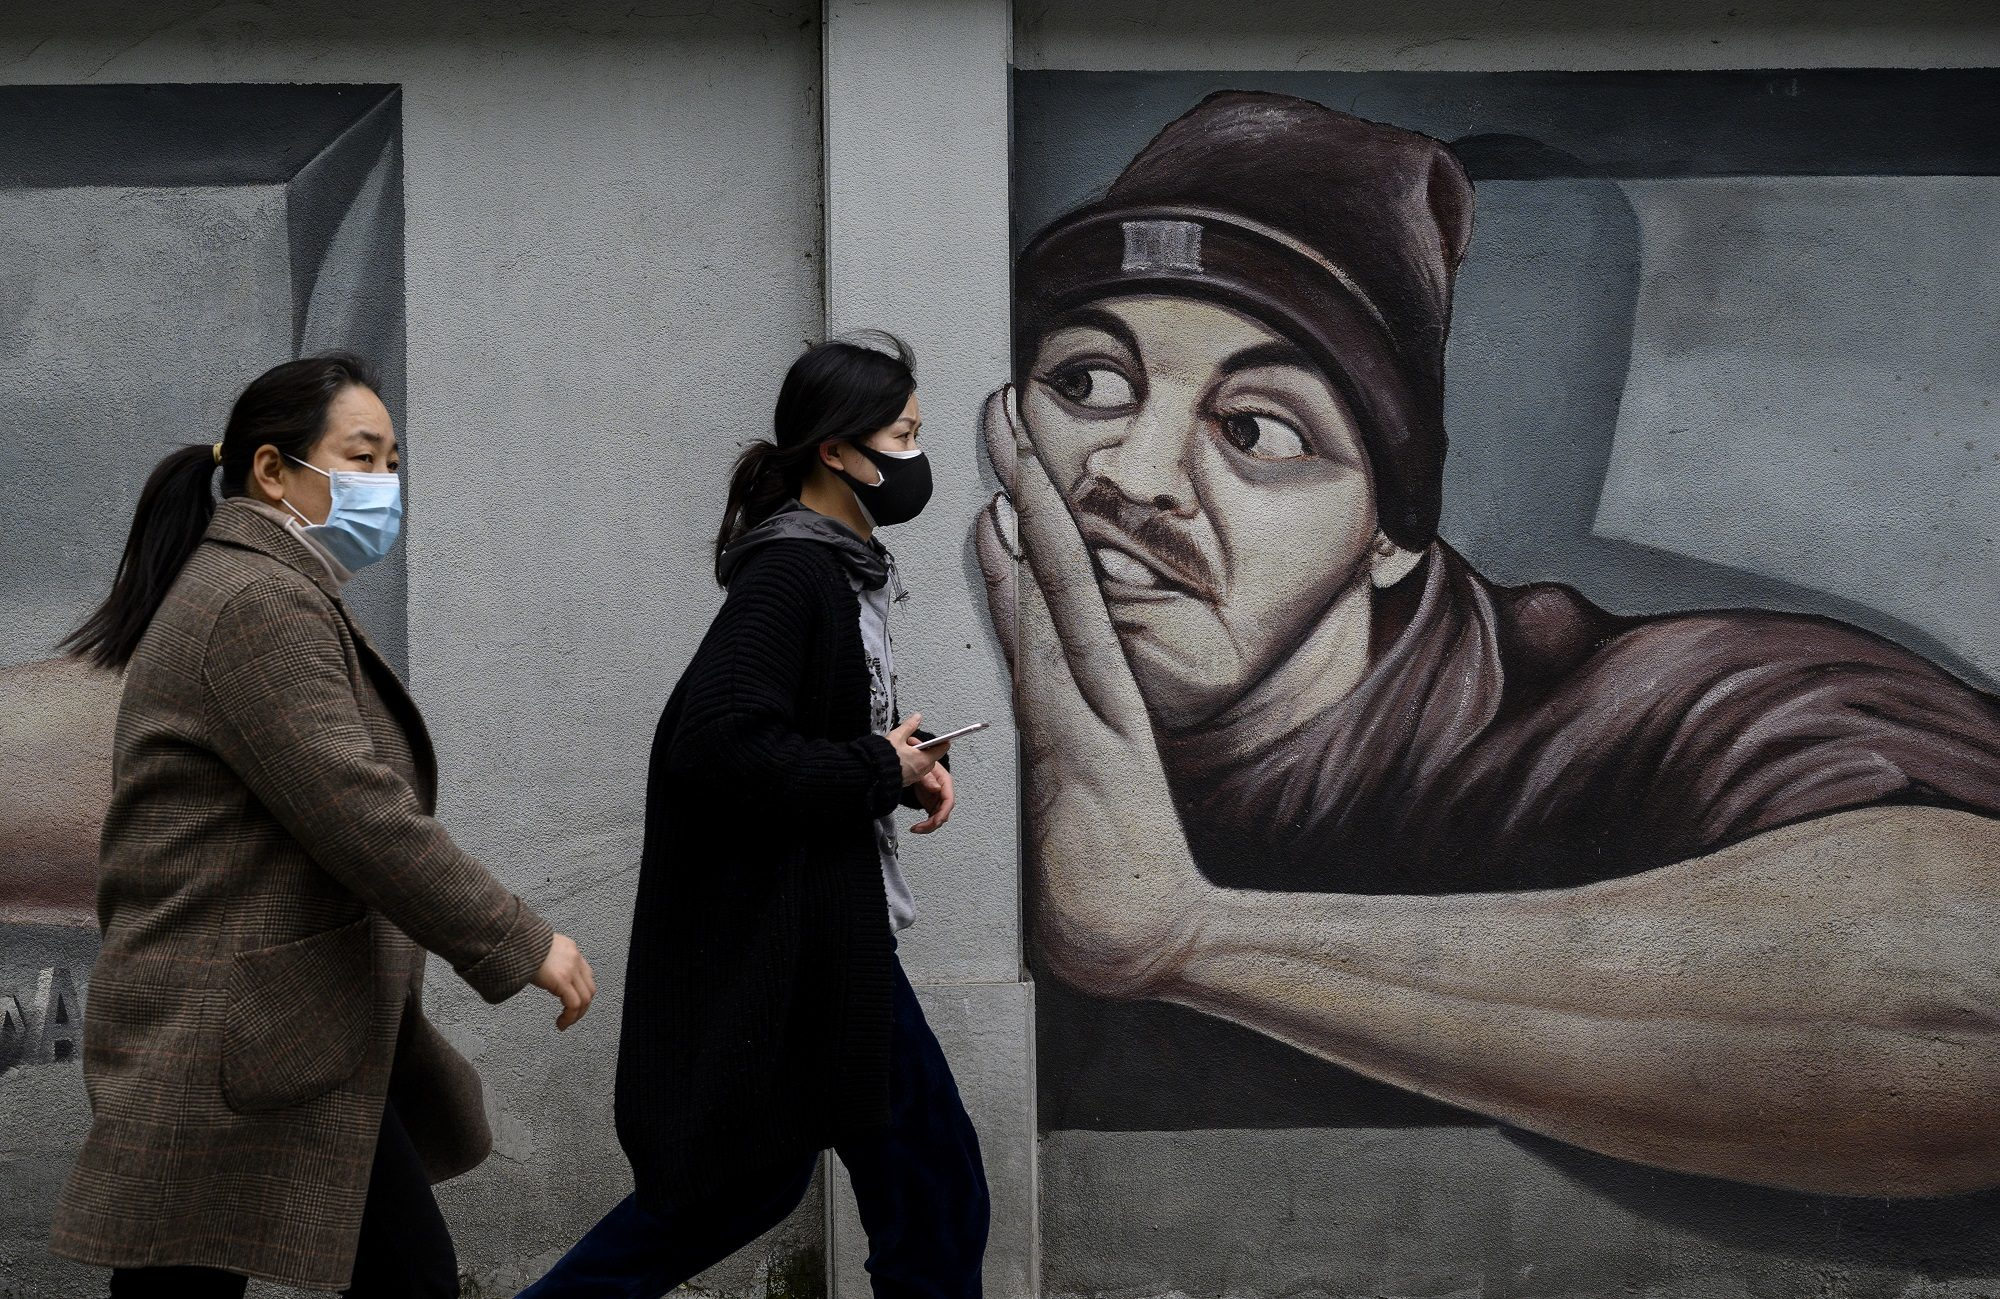 อู่ฮั่น พบผู้เสียชีวิตจาก โควิด-19 เพิ่ม 4 ราย จีนเตรียมไว้อาลัยทั่วประเทศแด่ผู้กล้าสู่กับไวรัสร้าย